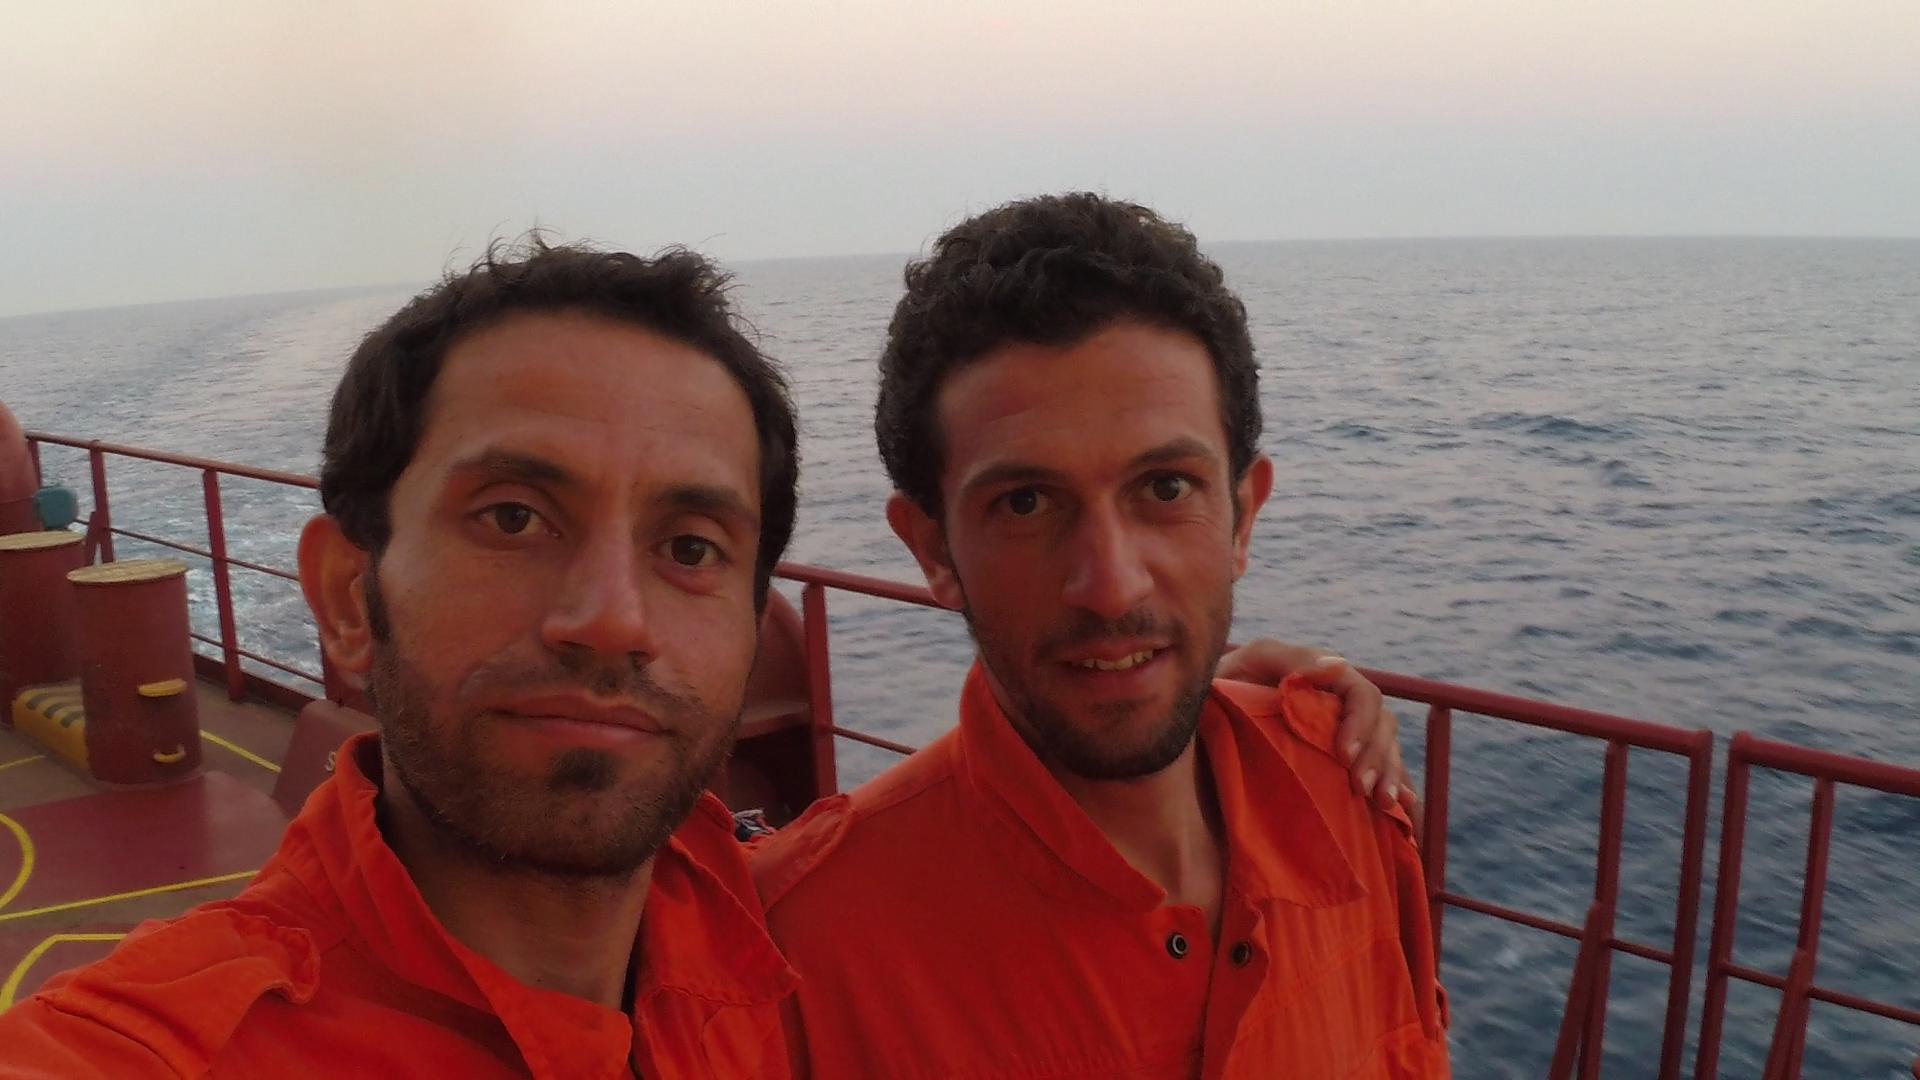 Nabil og Rami er kommet ud af deres beskidte tøj og har af besætningen på skibet fået lov at iføre sig deres kedeldragter. Foto: Angela Al Souliman